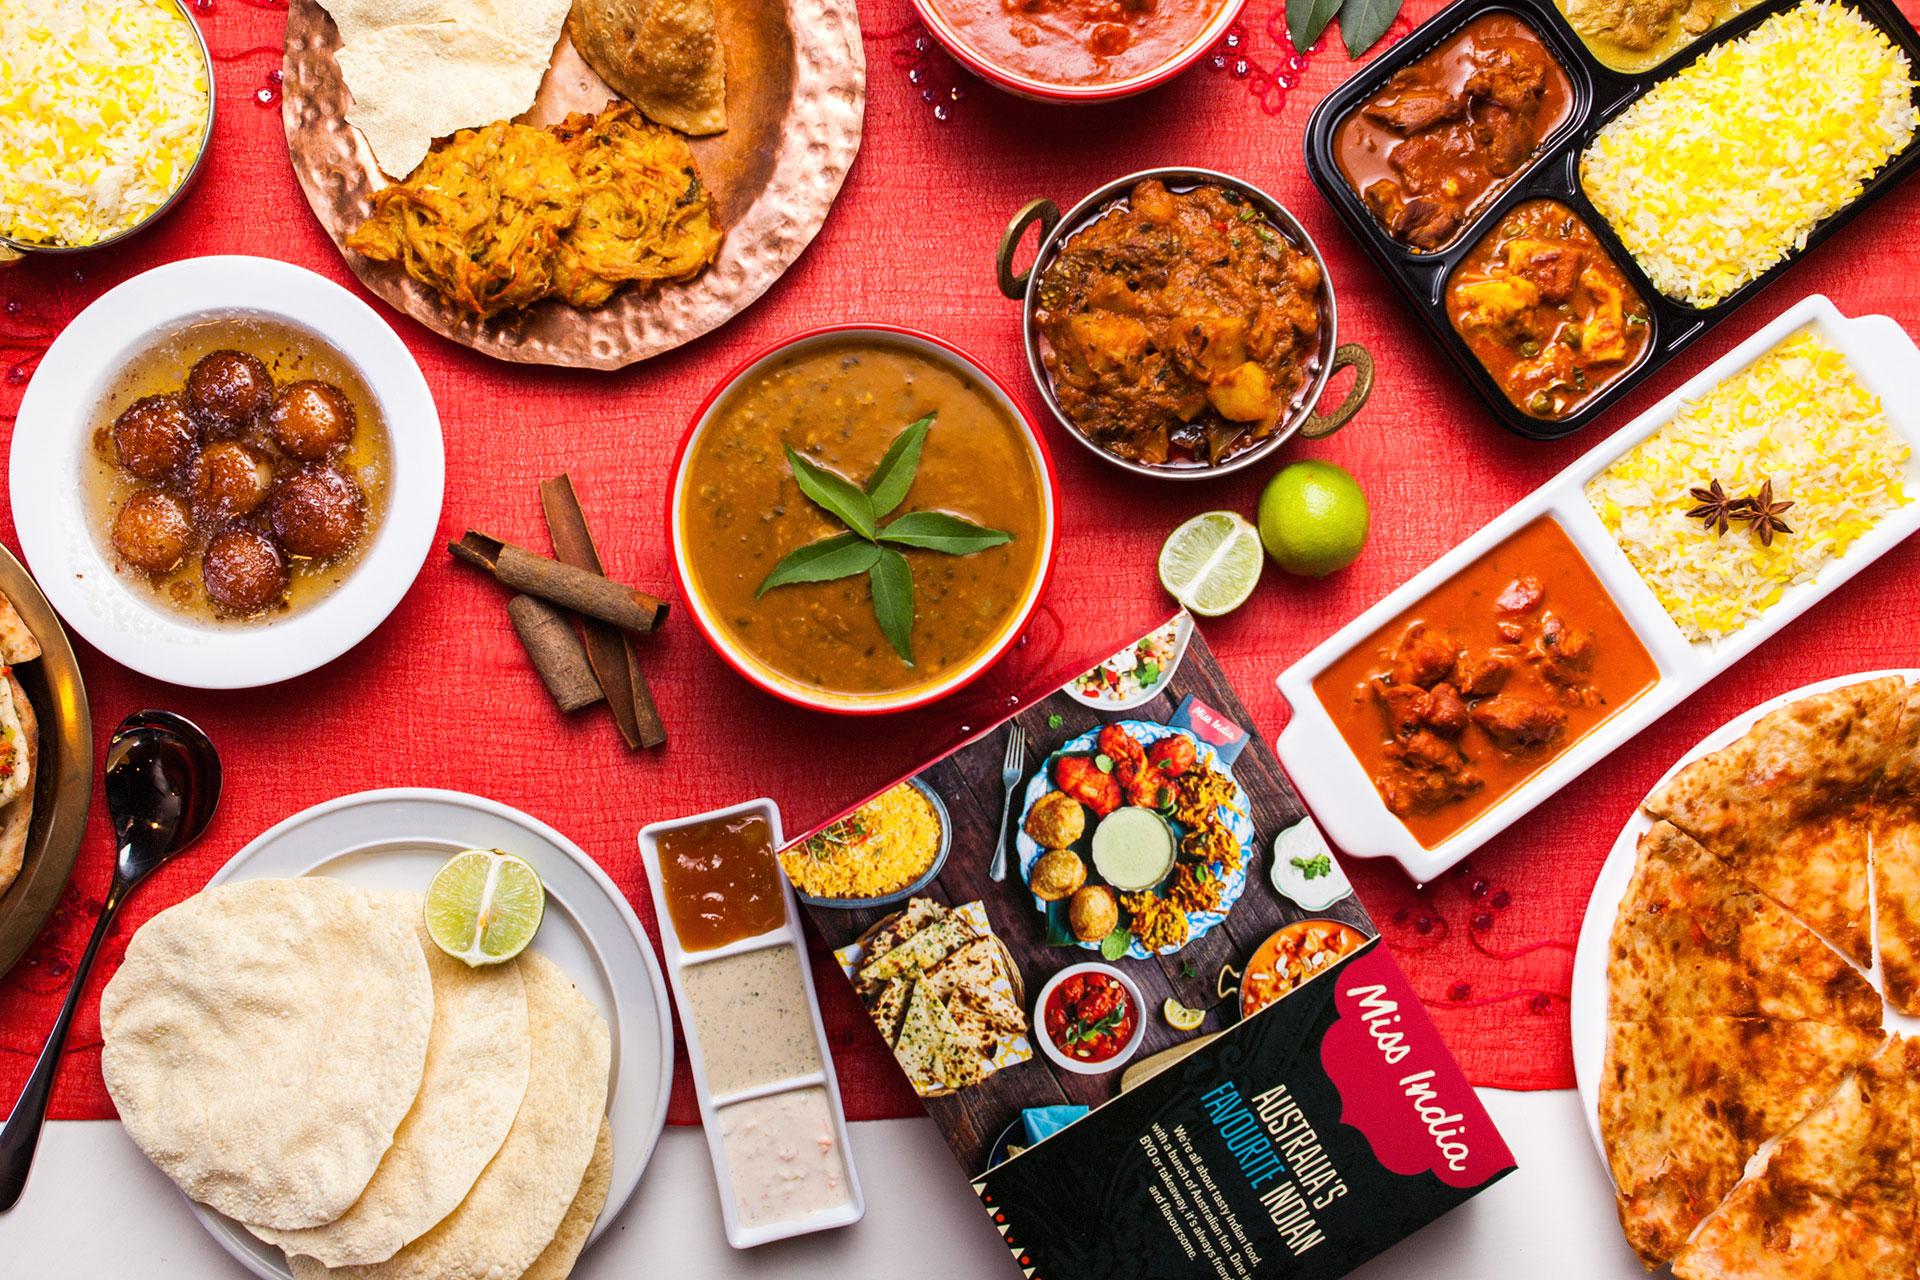 Miss India - Food Spread